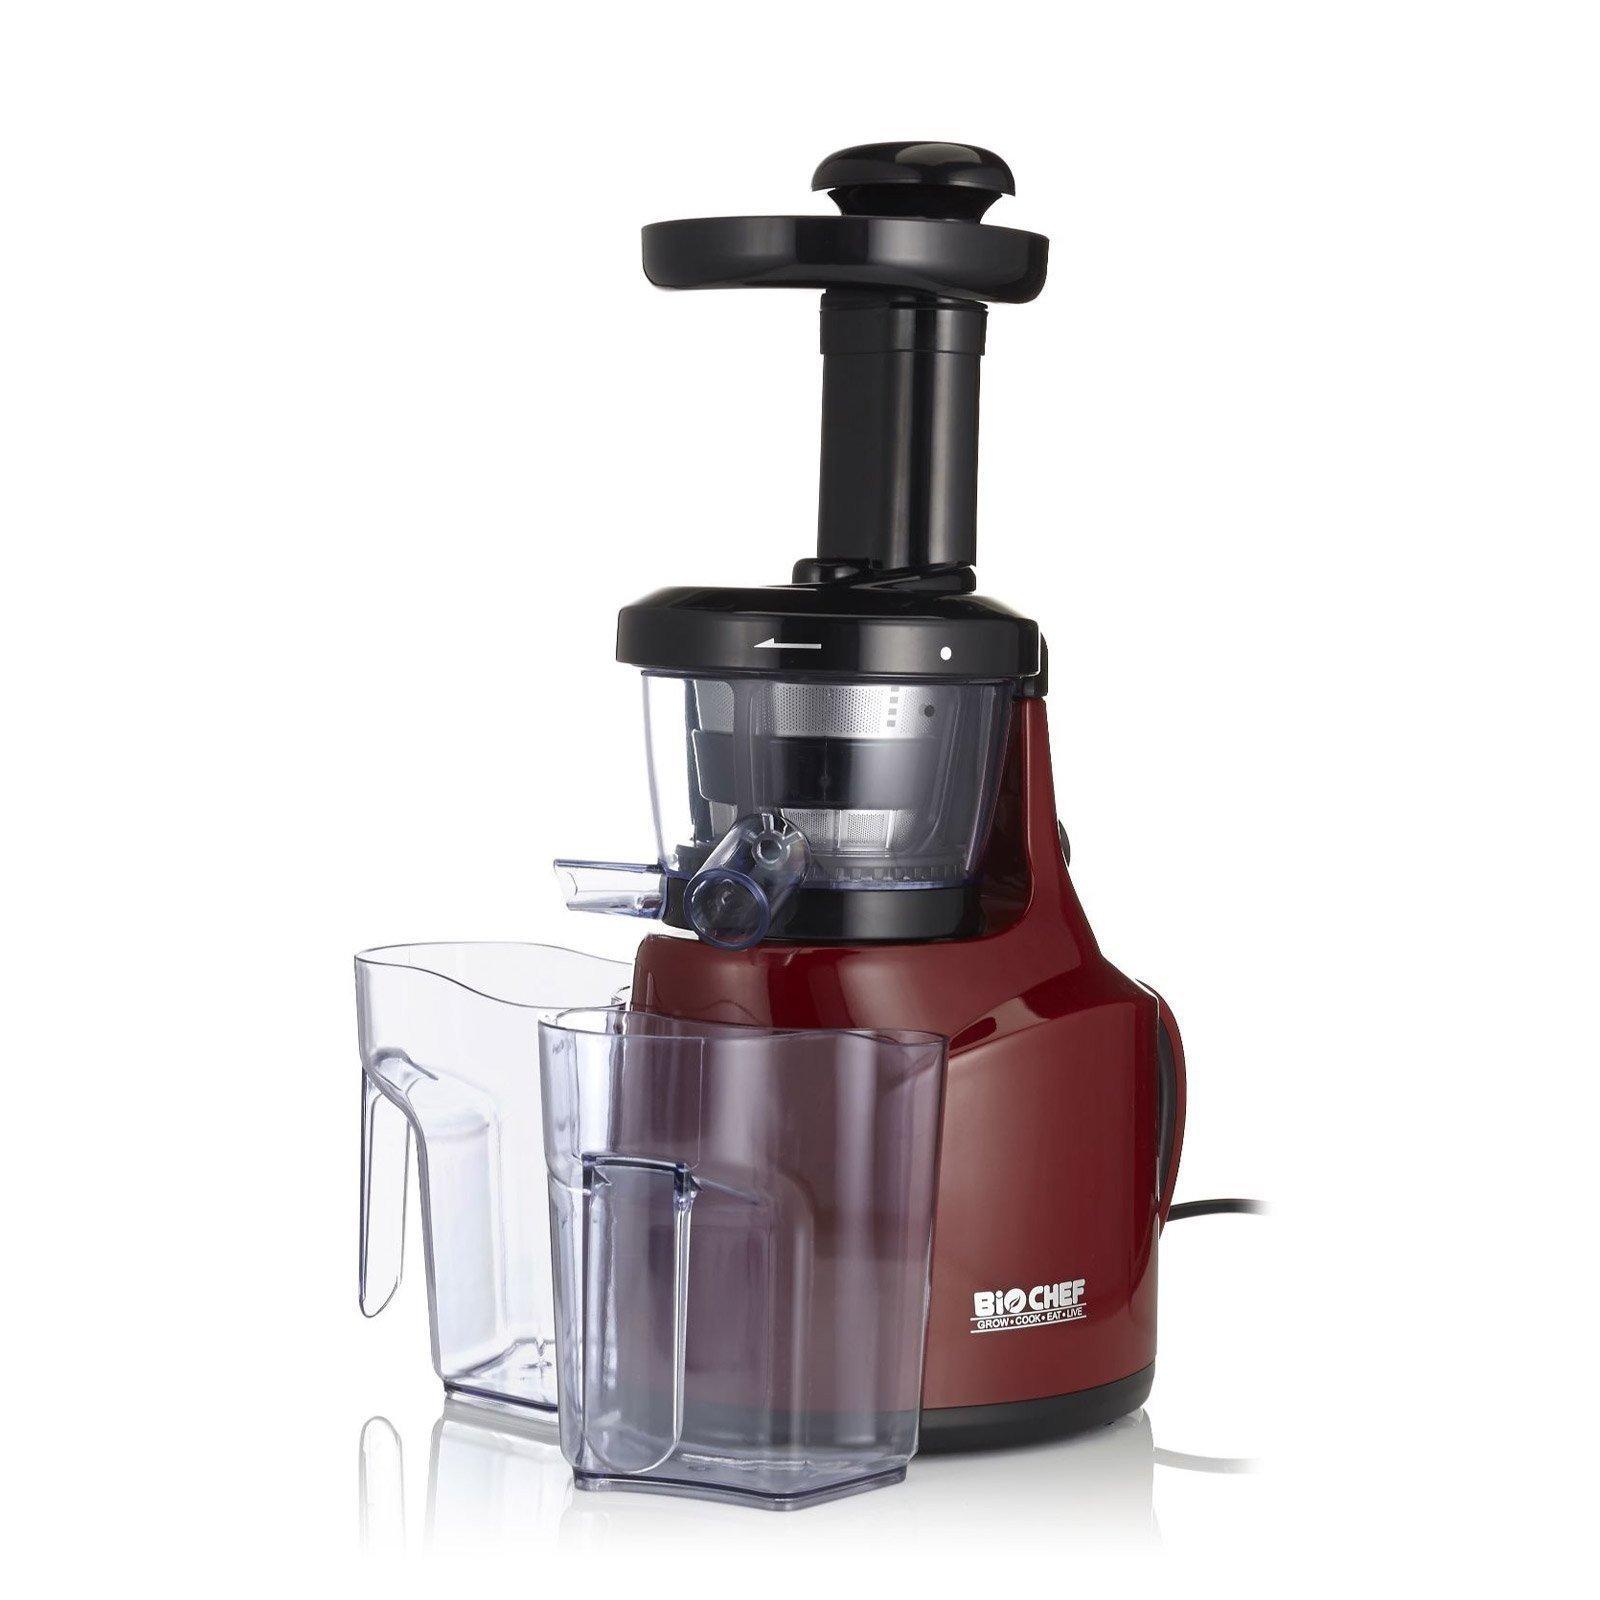 Panasonic Extracteur De Jus Slow Juicer Red : Extracteur de Jus BioChef Compact vitality4Life